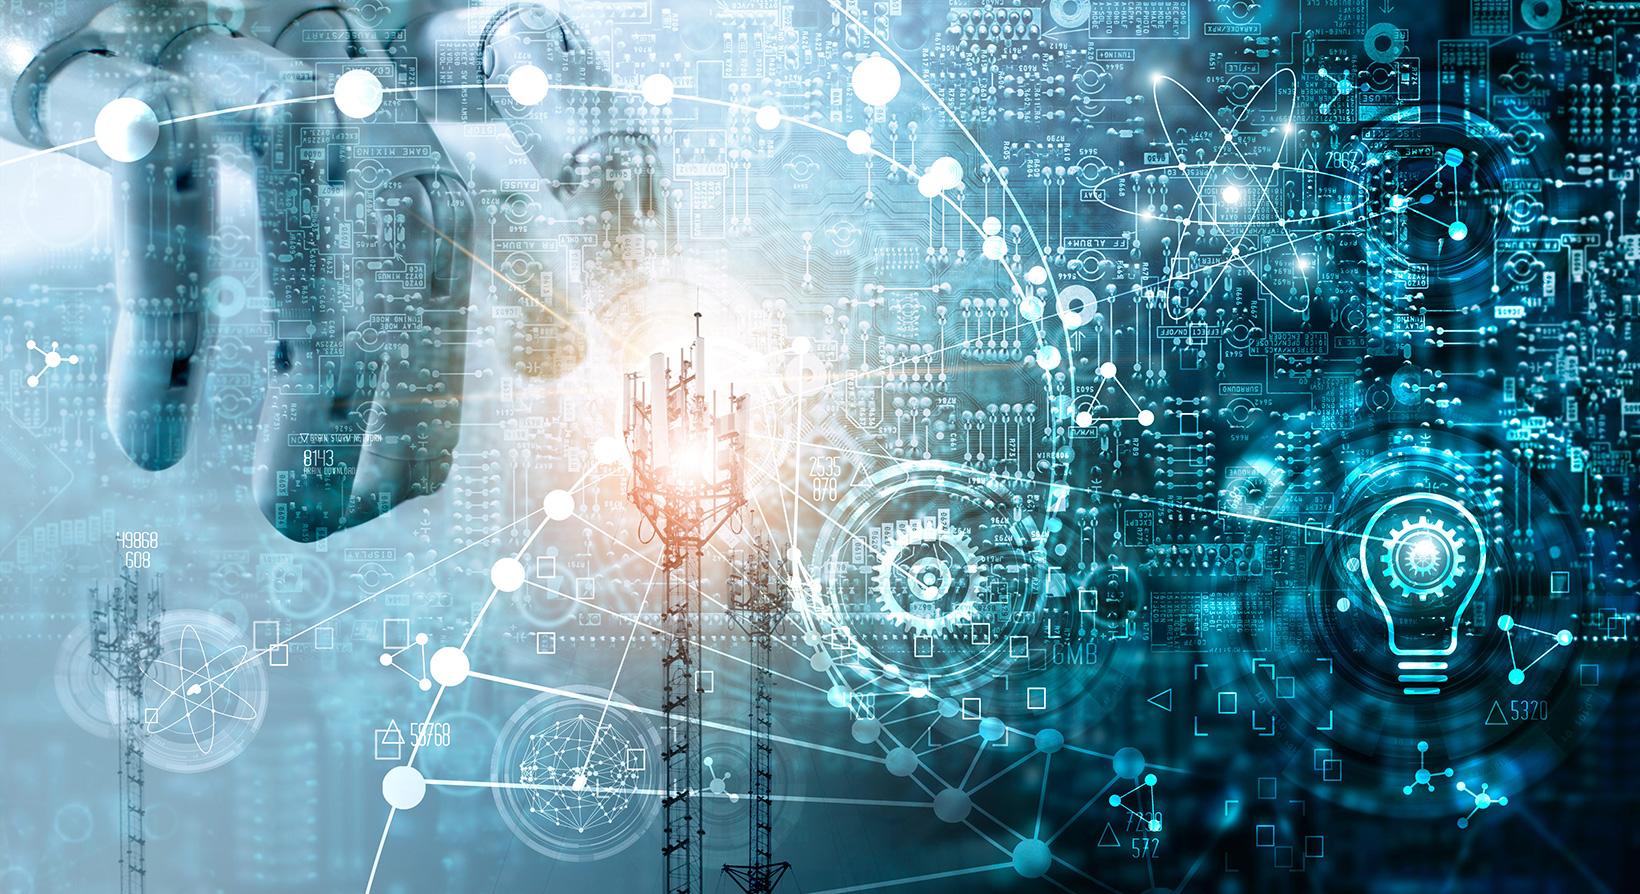 人工智能被提升到国家级的战略高度